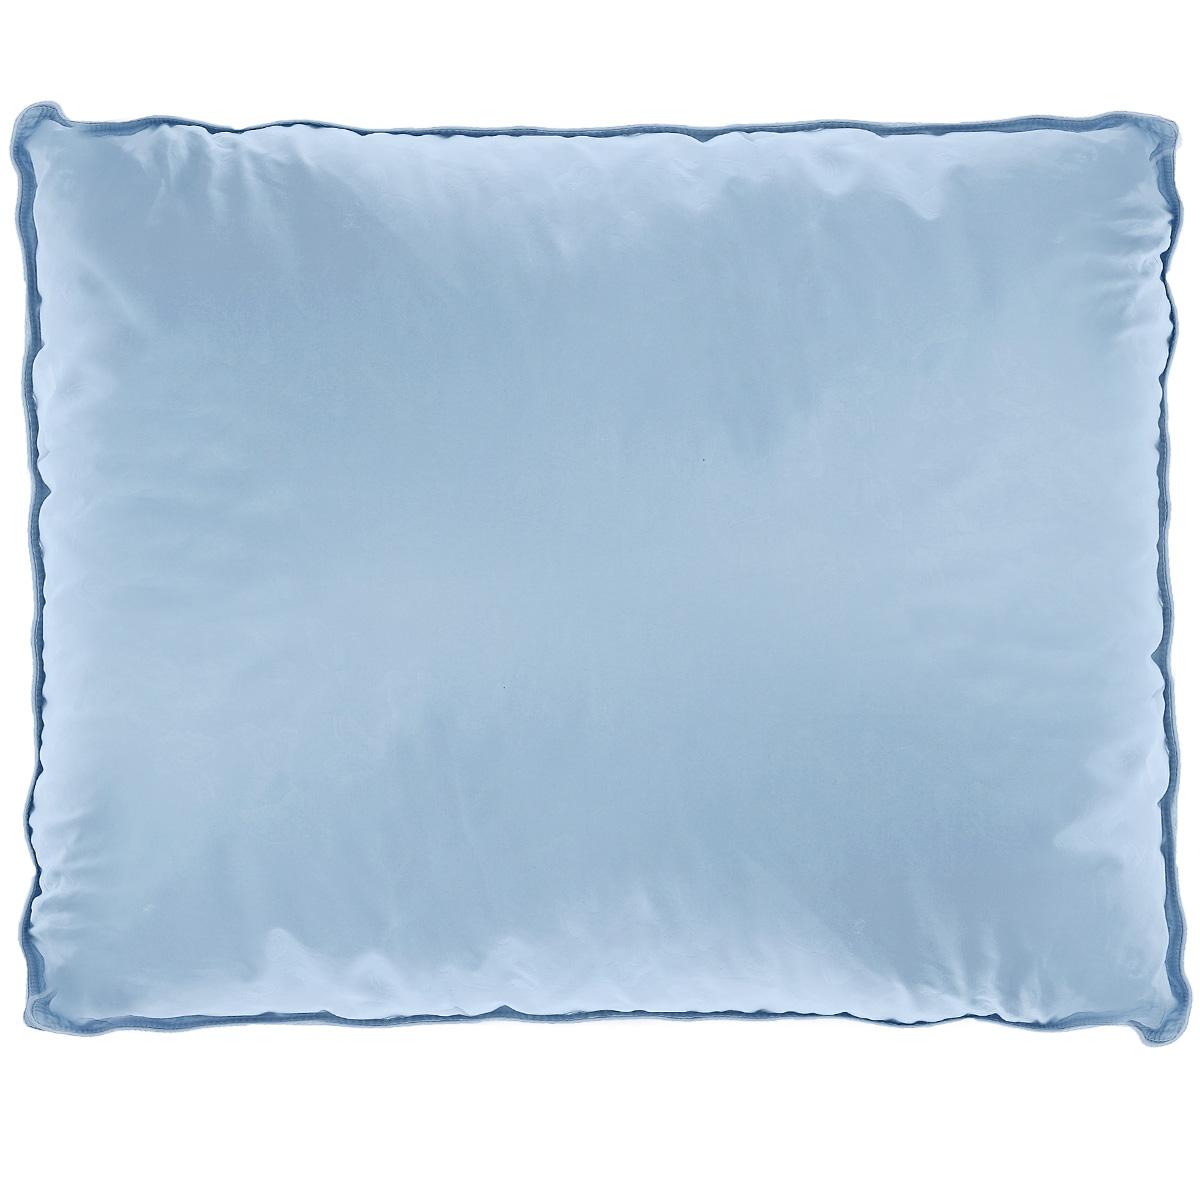 Подушка La Prima В нежности микрофибры, наполнитель: искусственный лебяжий пух, цвет: голубой, 70 х 70 см809/0222945/16/949Подушка La Prima В нежности микрофибры очень легкая, воздушная и одновременно теплая. Идеально подойдет тем, кто ценит мягкость и тепло. Такое изделие подарит комфортный сон. Чехол подушки выполнен из шелковистой микрофибры (двойной), оформленной изящным фактурным теснением в виде бабочек. Наполнитель - аналог натурального лебяжьего пуха. Подушка обладает высокой воздухопроницаемостью, прекрасно сохраняет тепло. Она гипоаллергенна и практична в уходе. Ручная стирка при температуре 30°С. Материал чехла: 100% полиэстер - микрофибра. Наполнитель: полиэфирное волокно/искусственный аналог лебяжьего пуха.